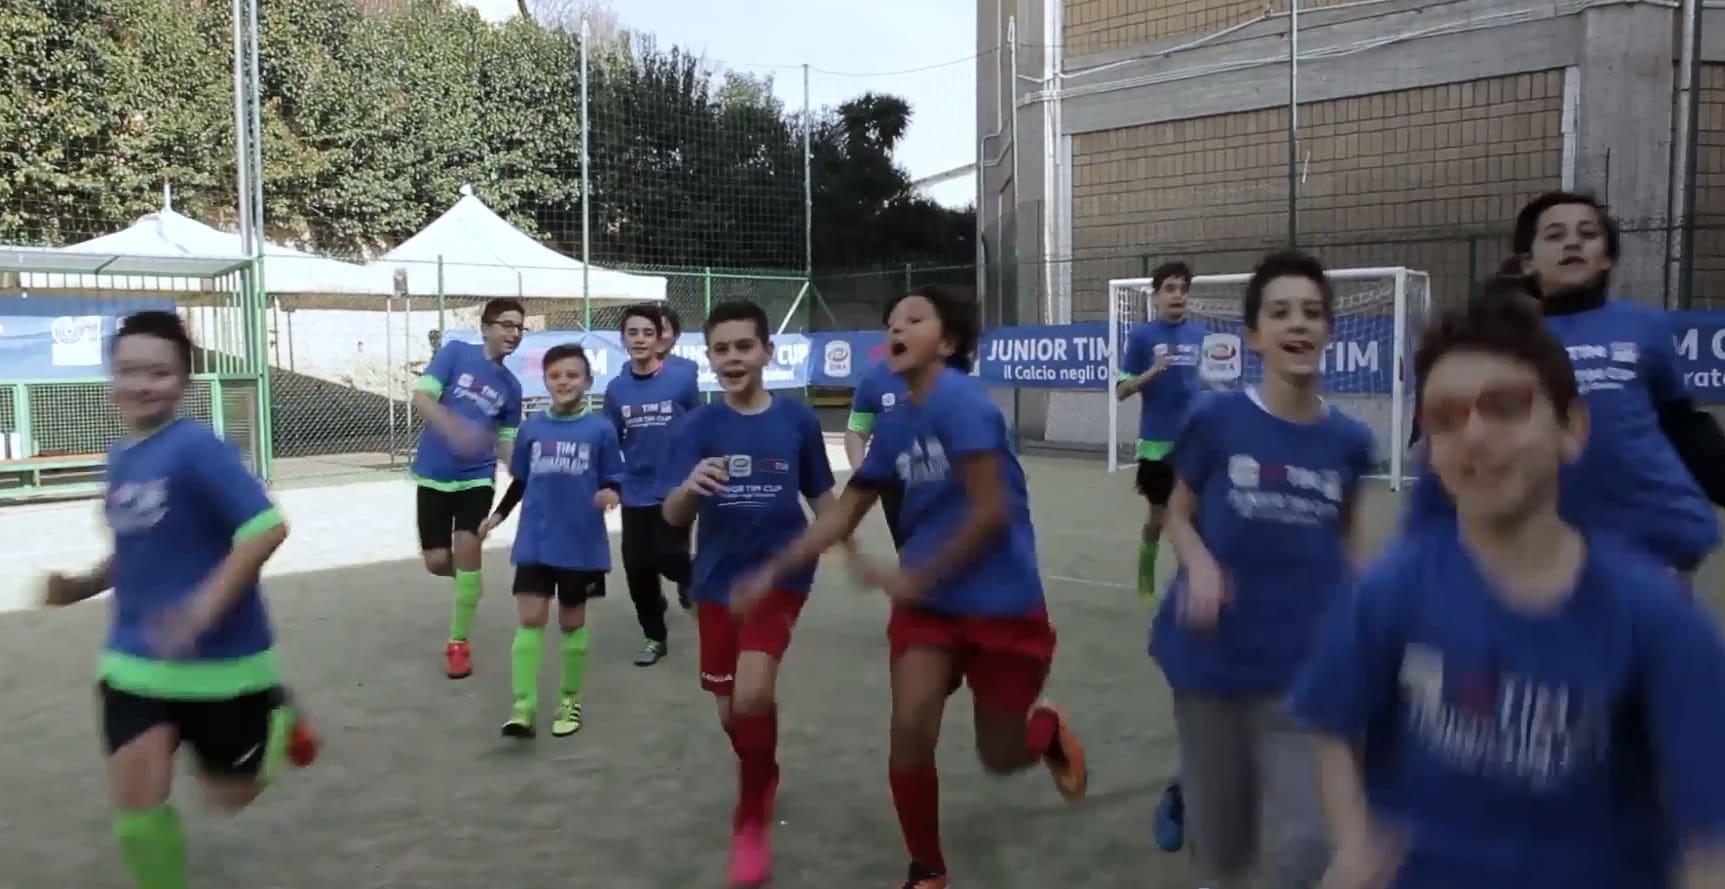 Calcio: la Coppa Italia dei giovanissimi in serie A